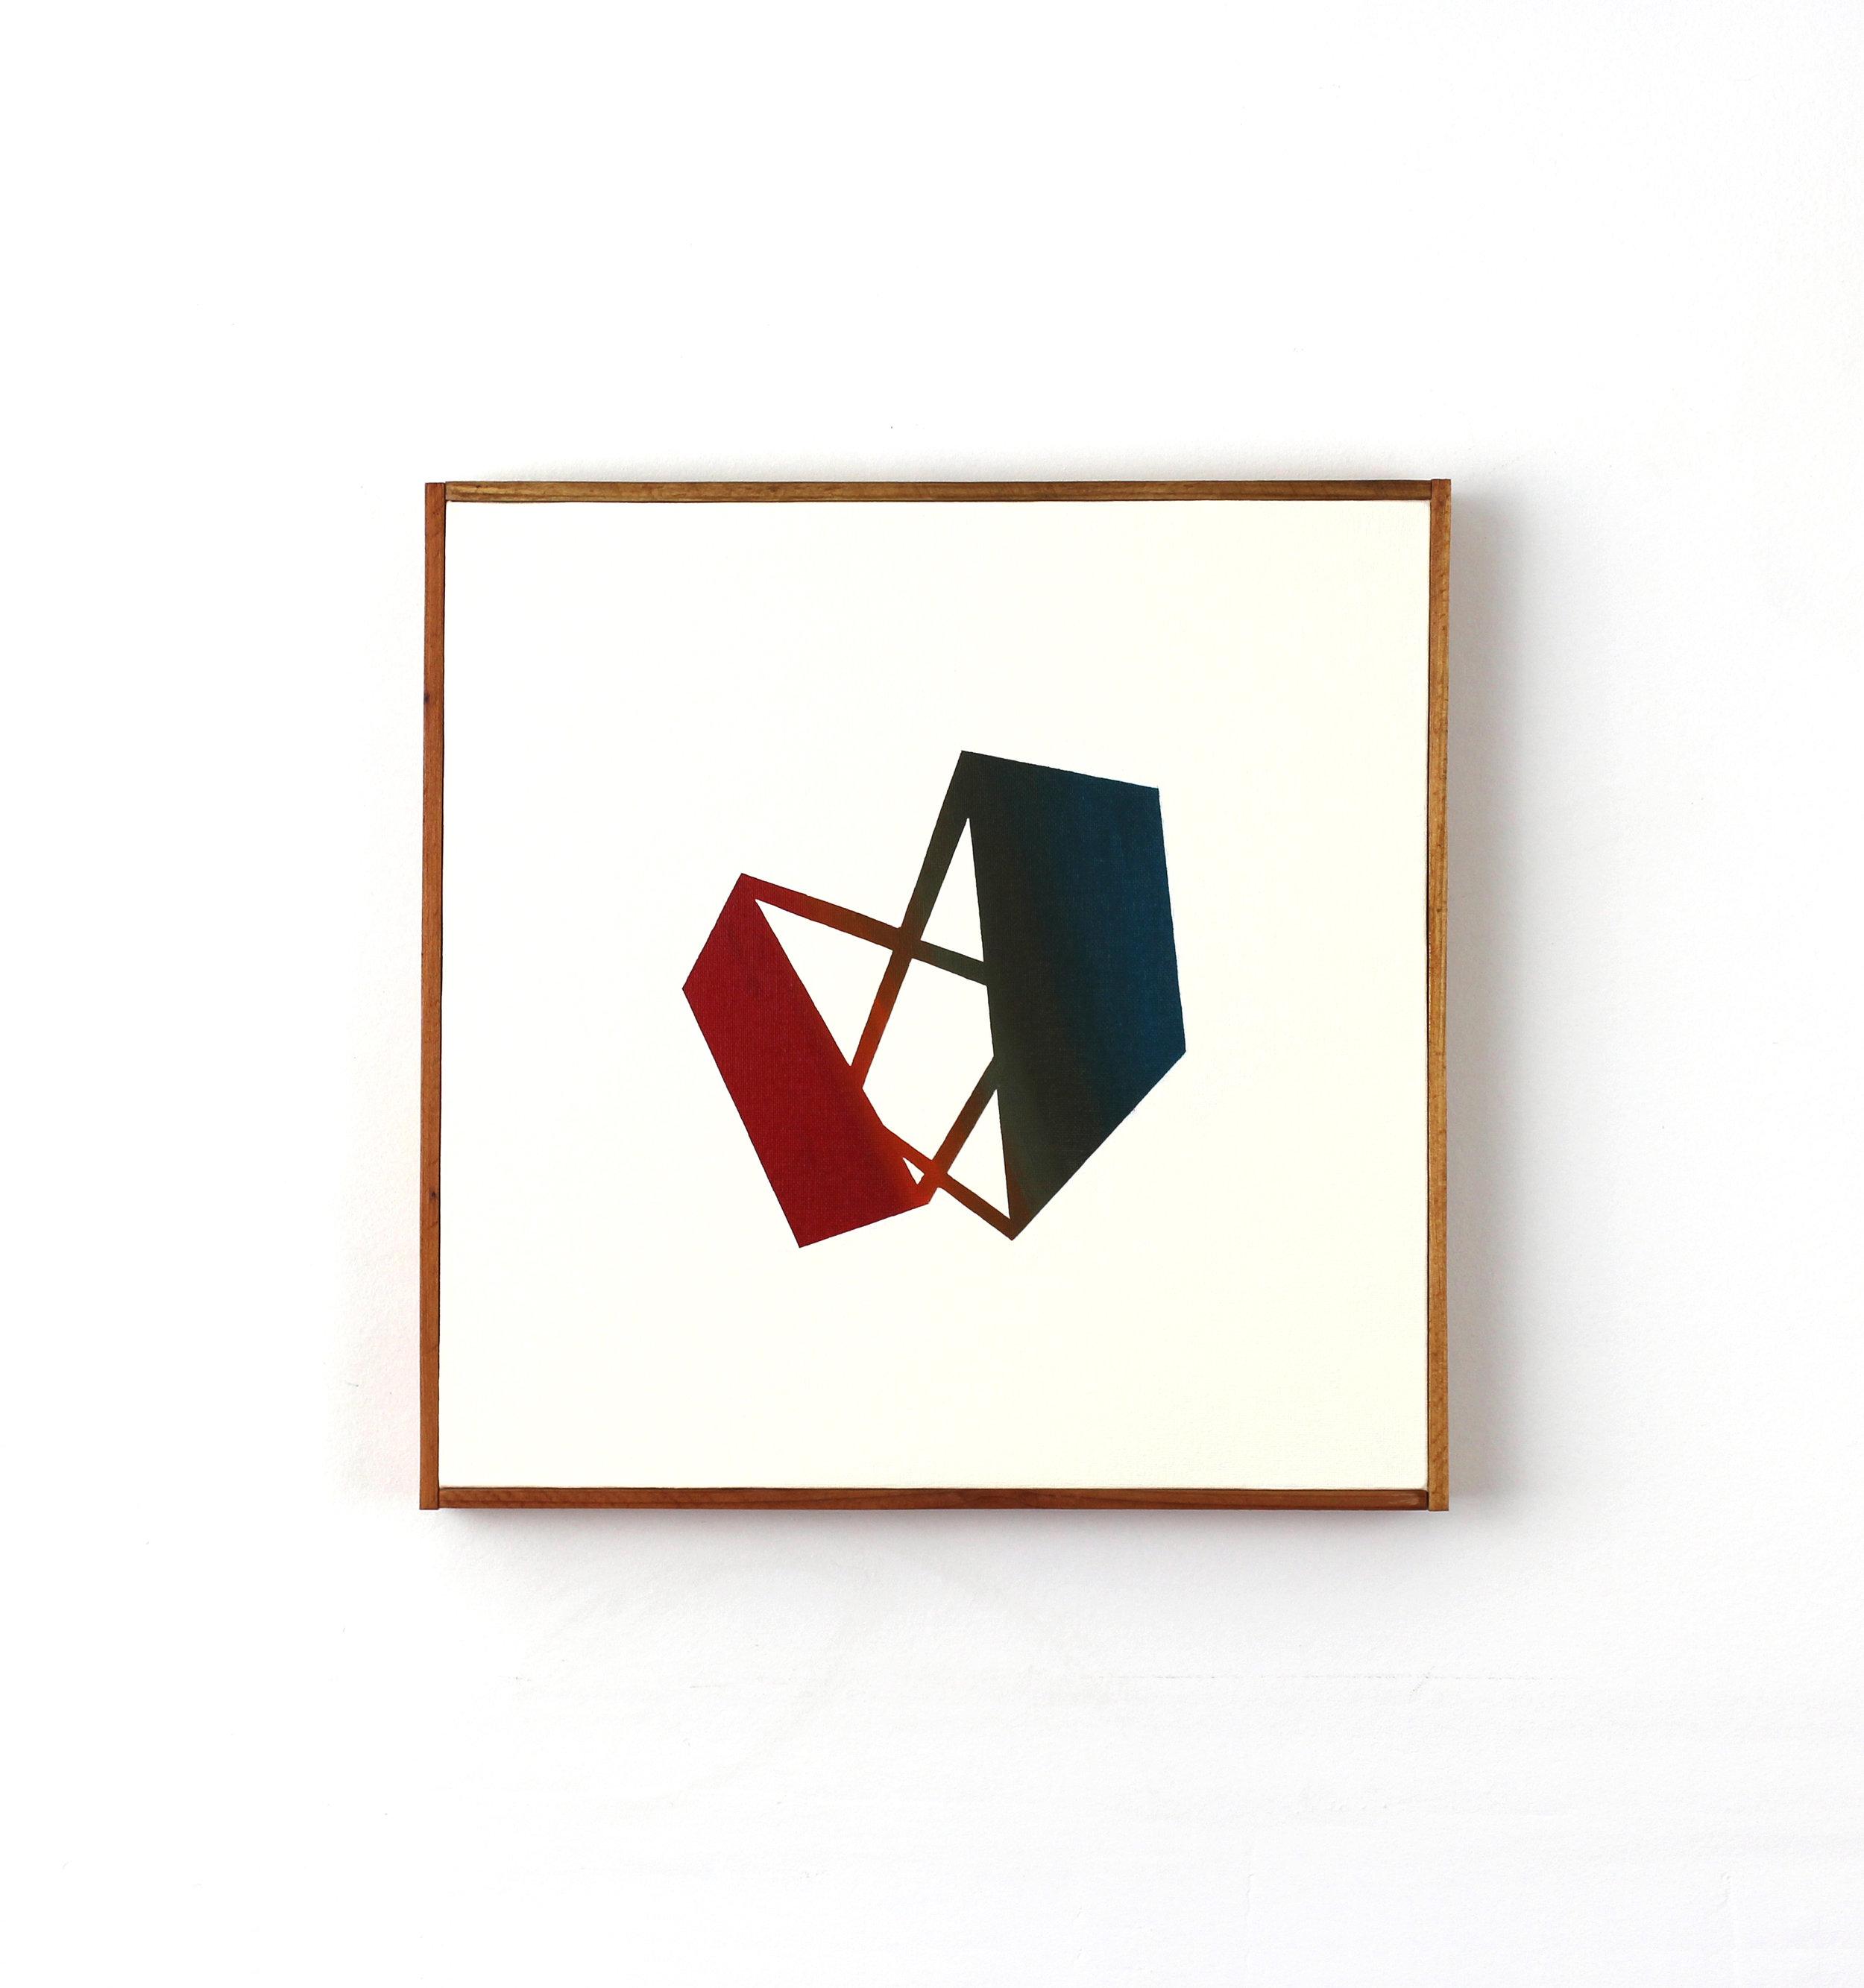 Dances of Square, #18